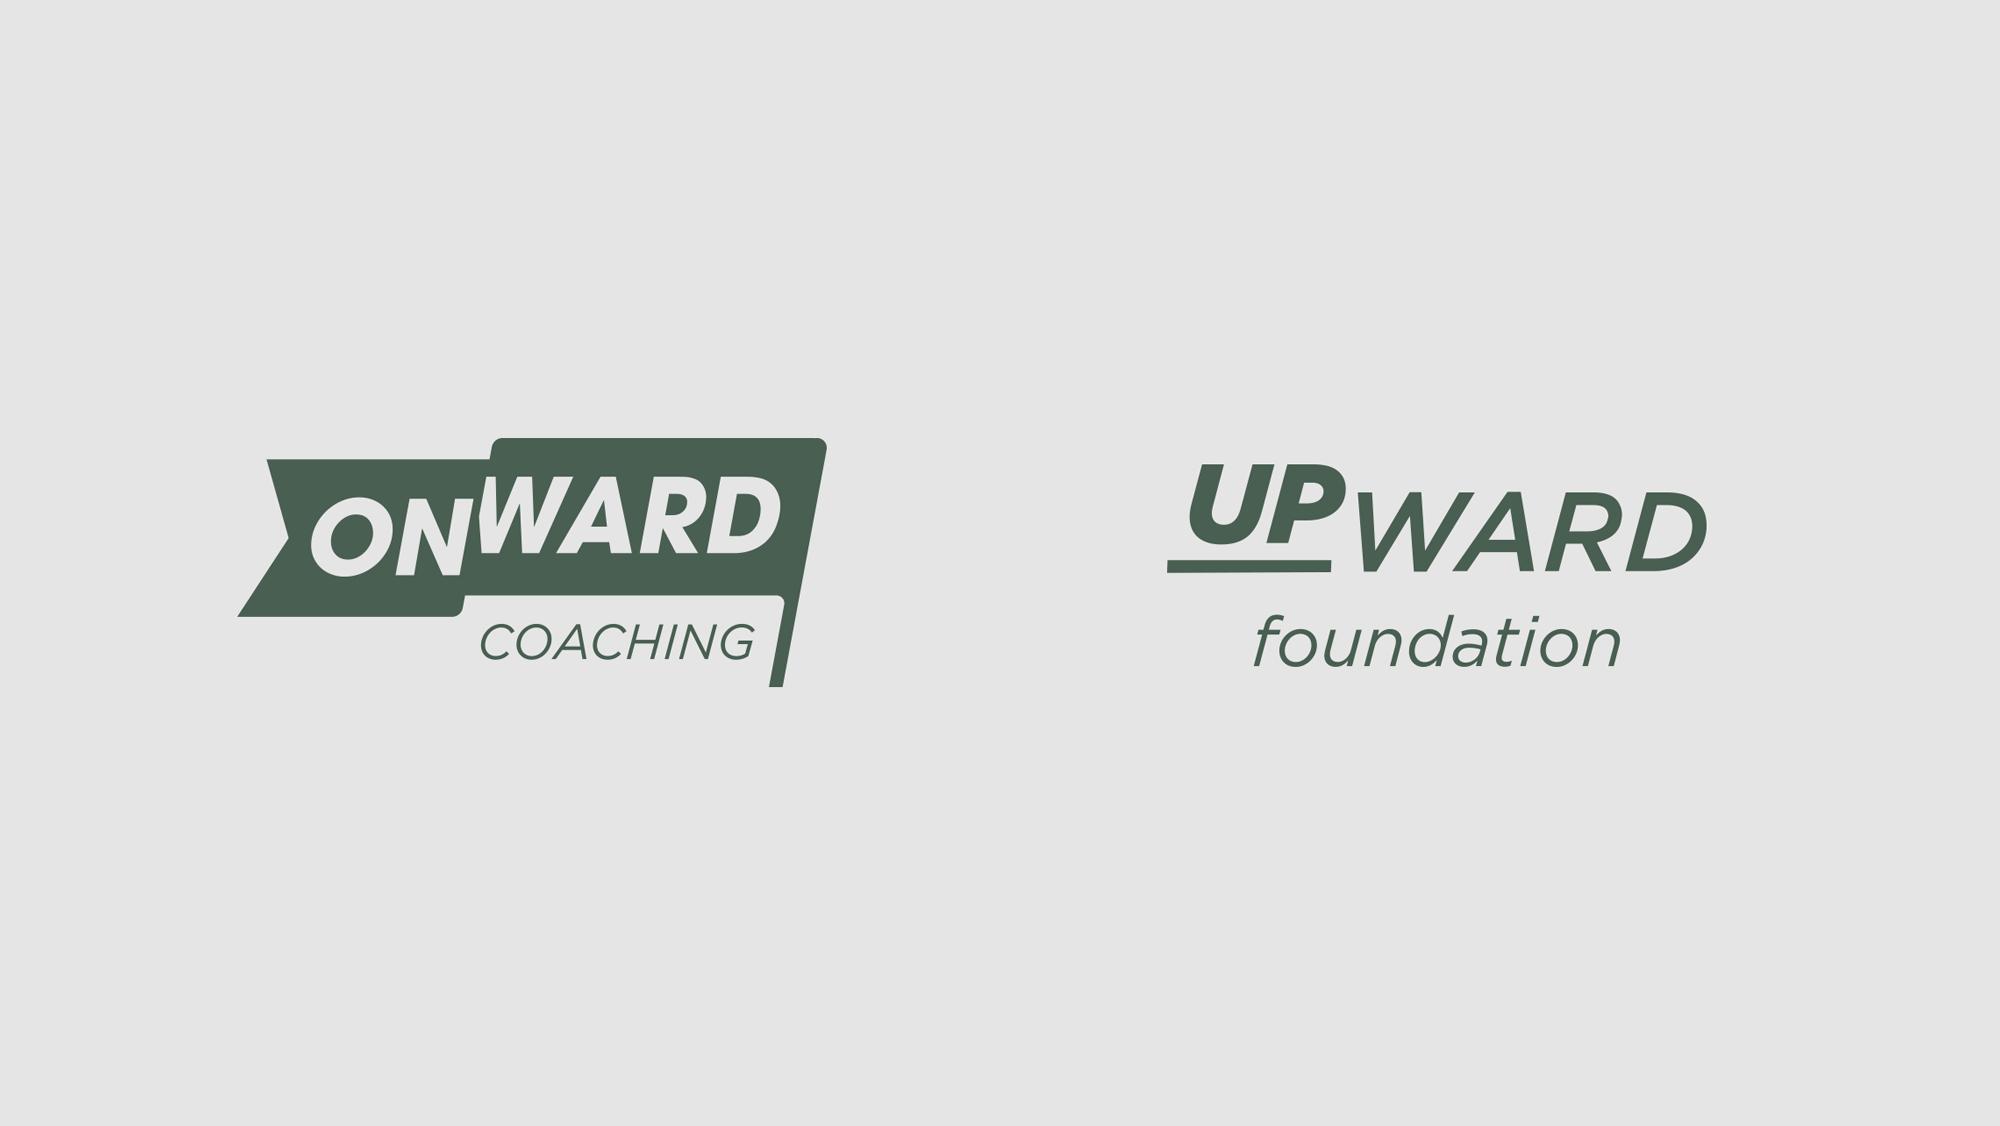 Onward Coaching